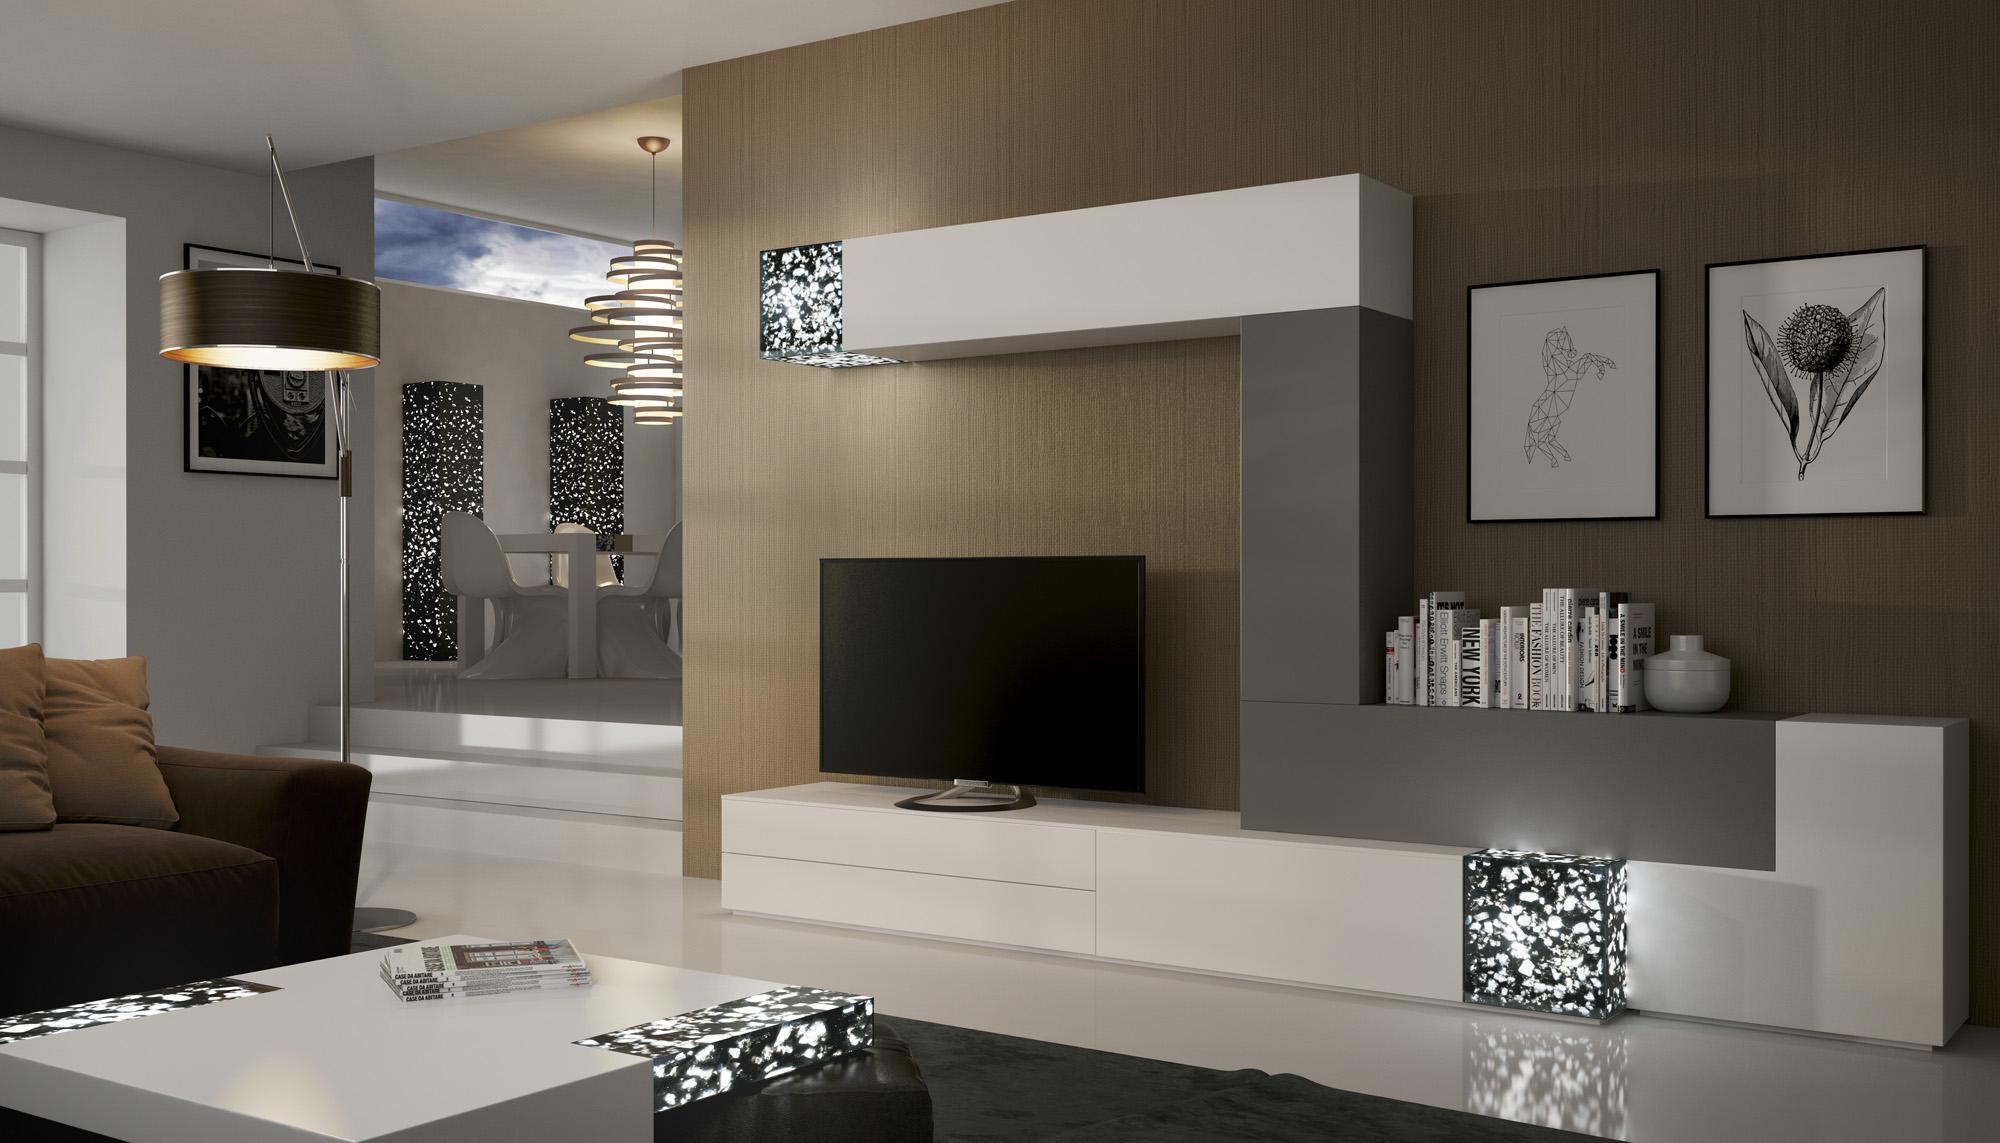 Muebles Zafra Comedores modernos modelo 31 diseño y calidad